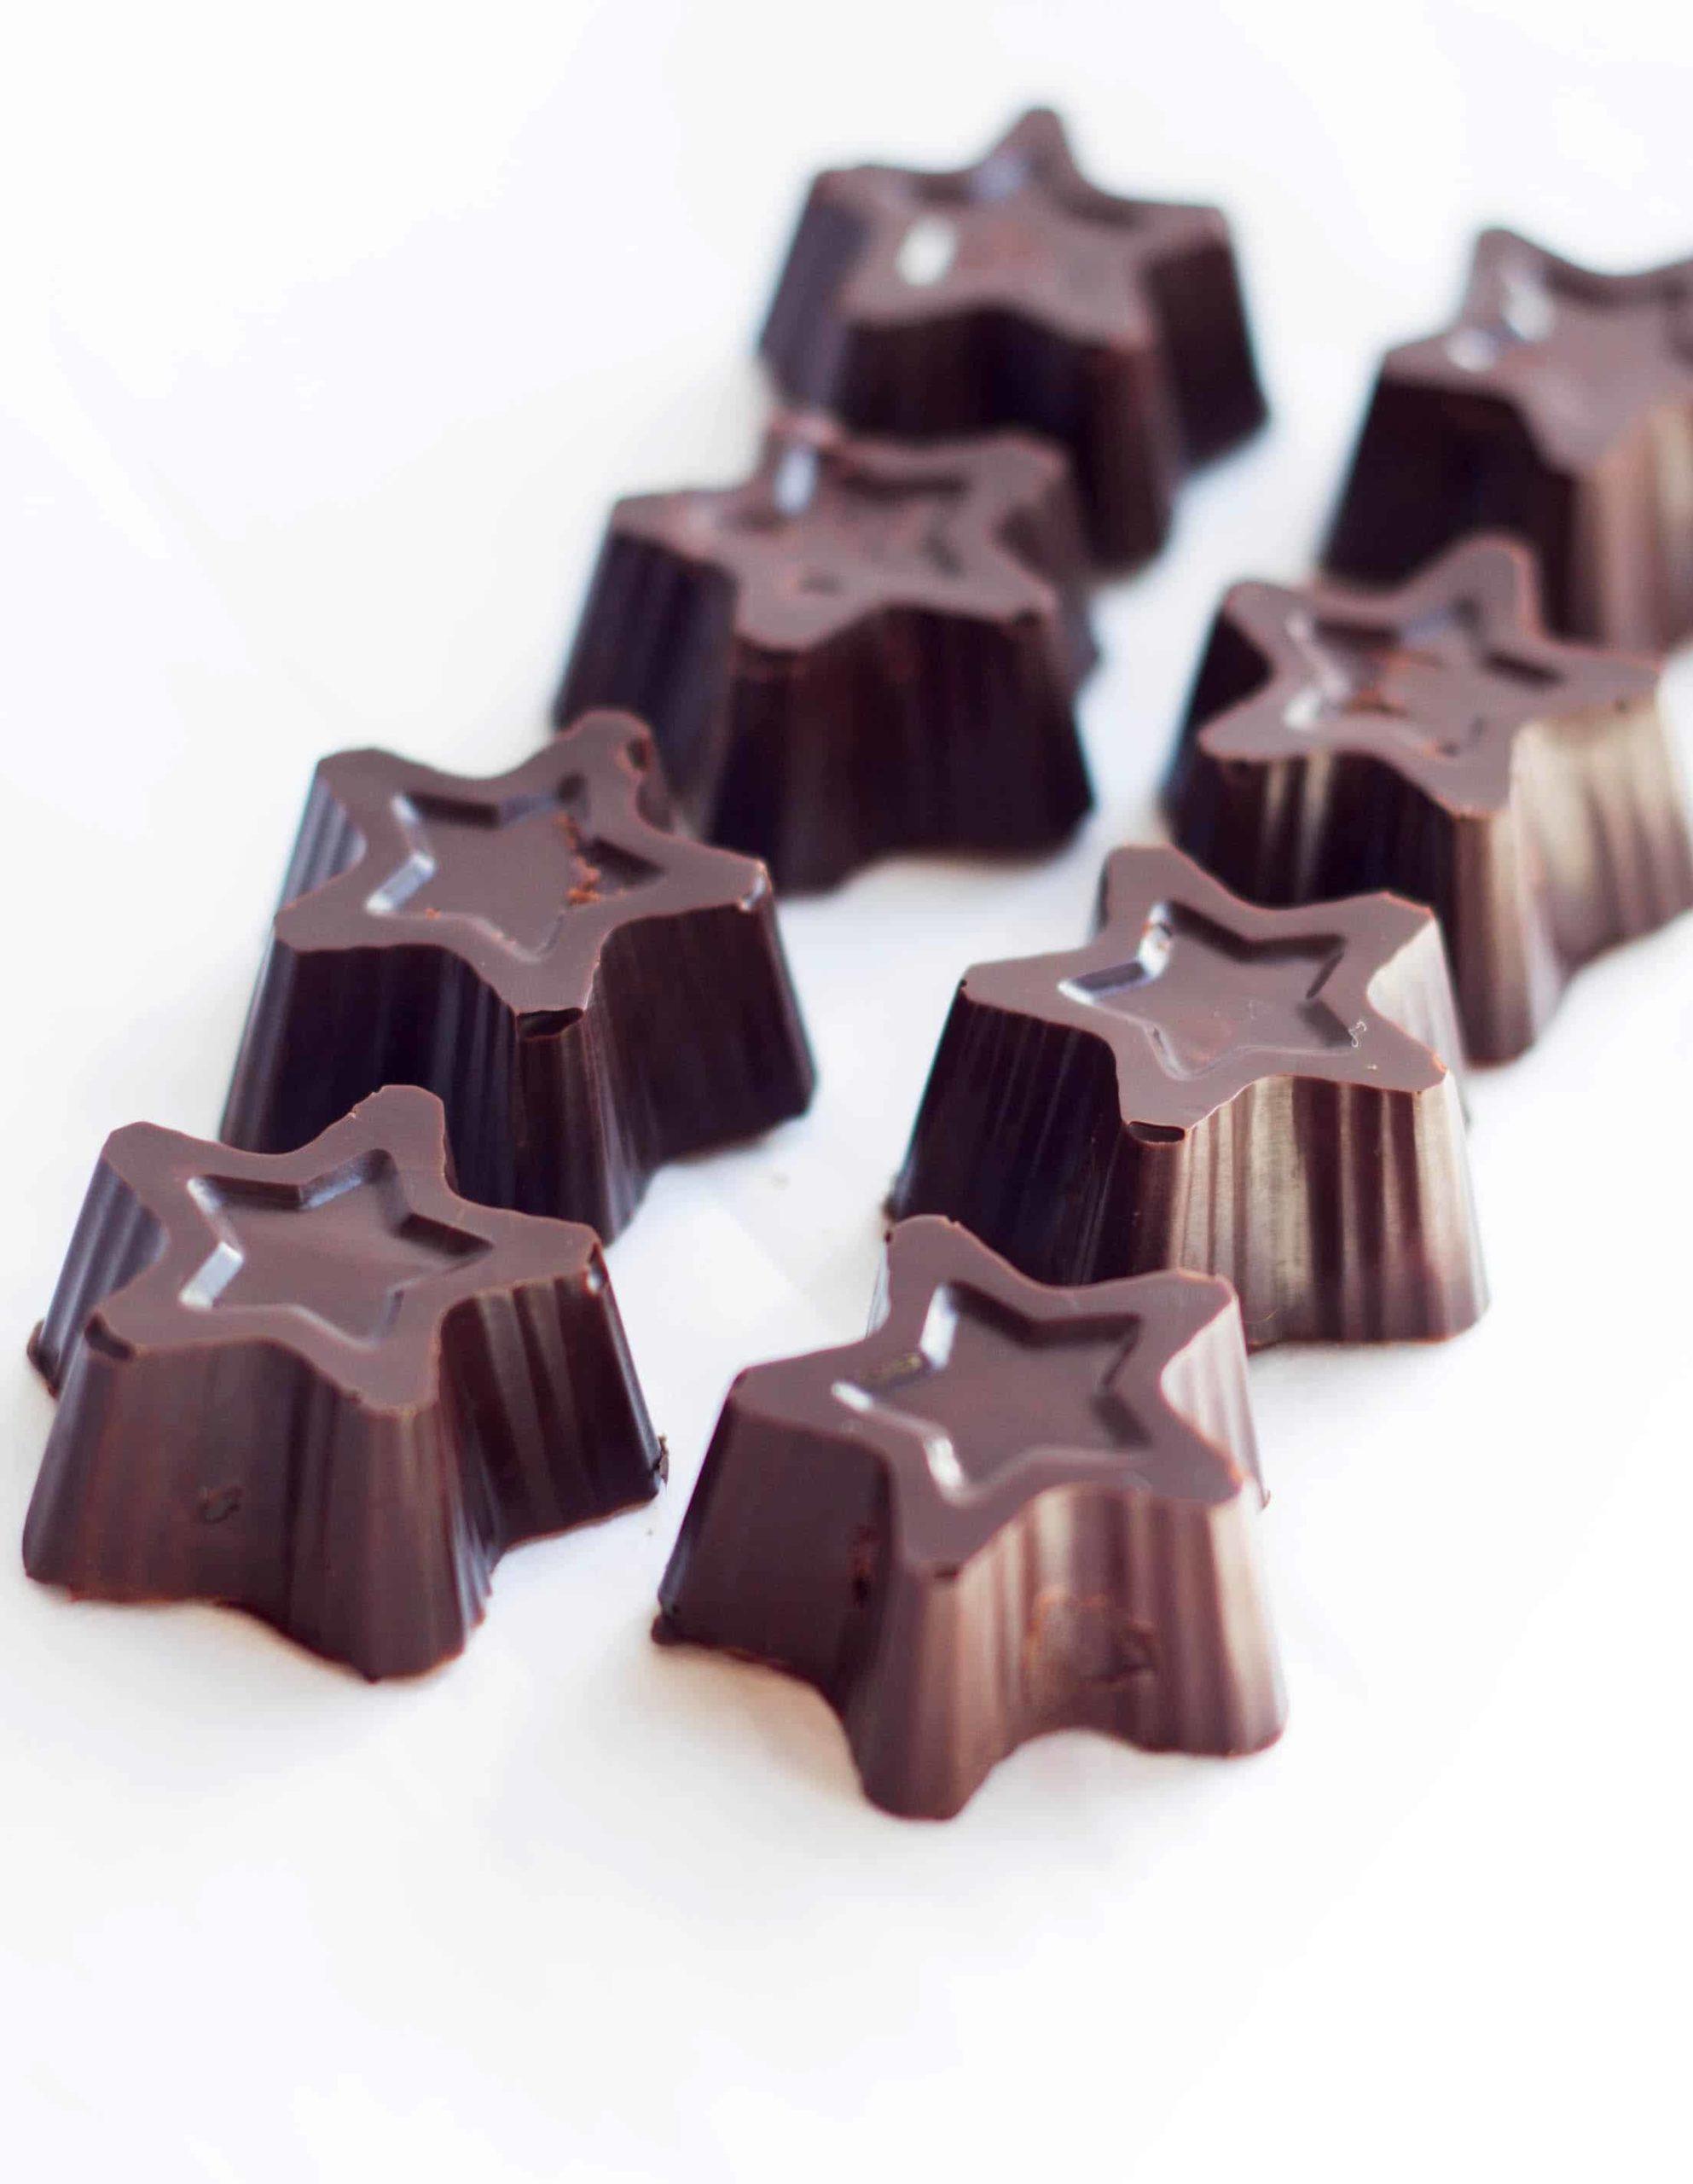 close up of star shaped dark chocolate truffles